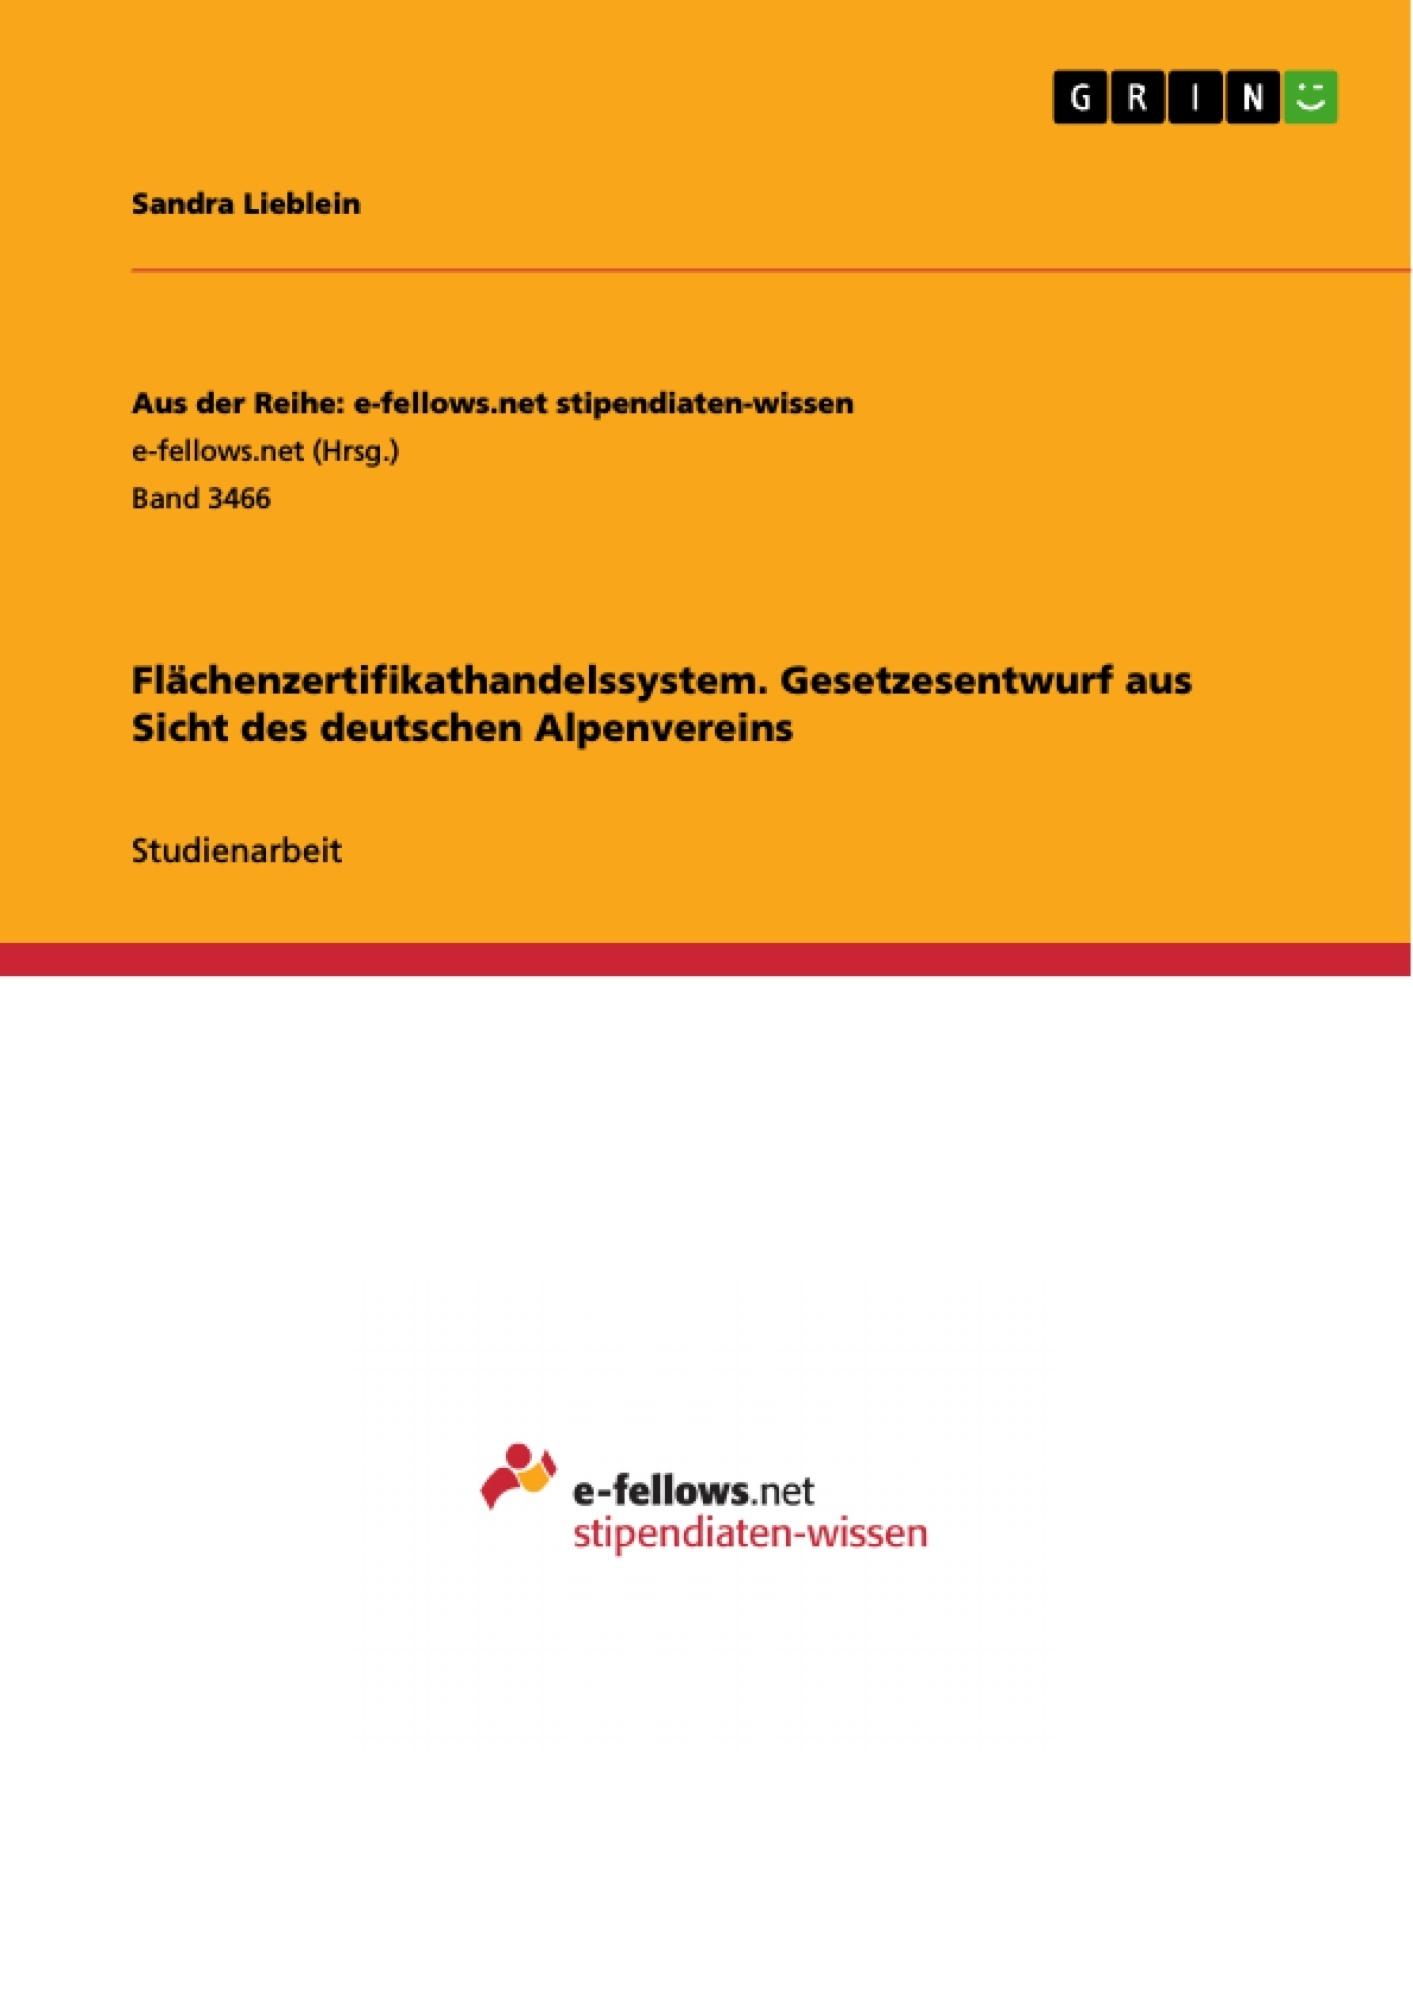 Titel: Flächenzertifikathandelssystem. Gesetzesentwurf aus Sicht des deutschen Alpenvereins